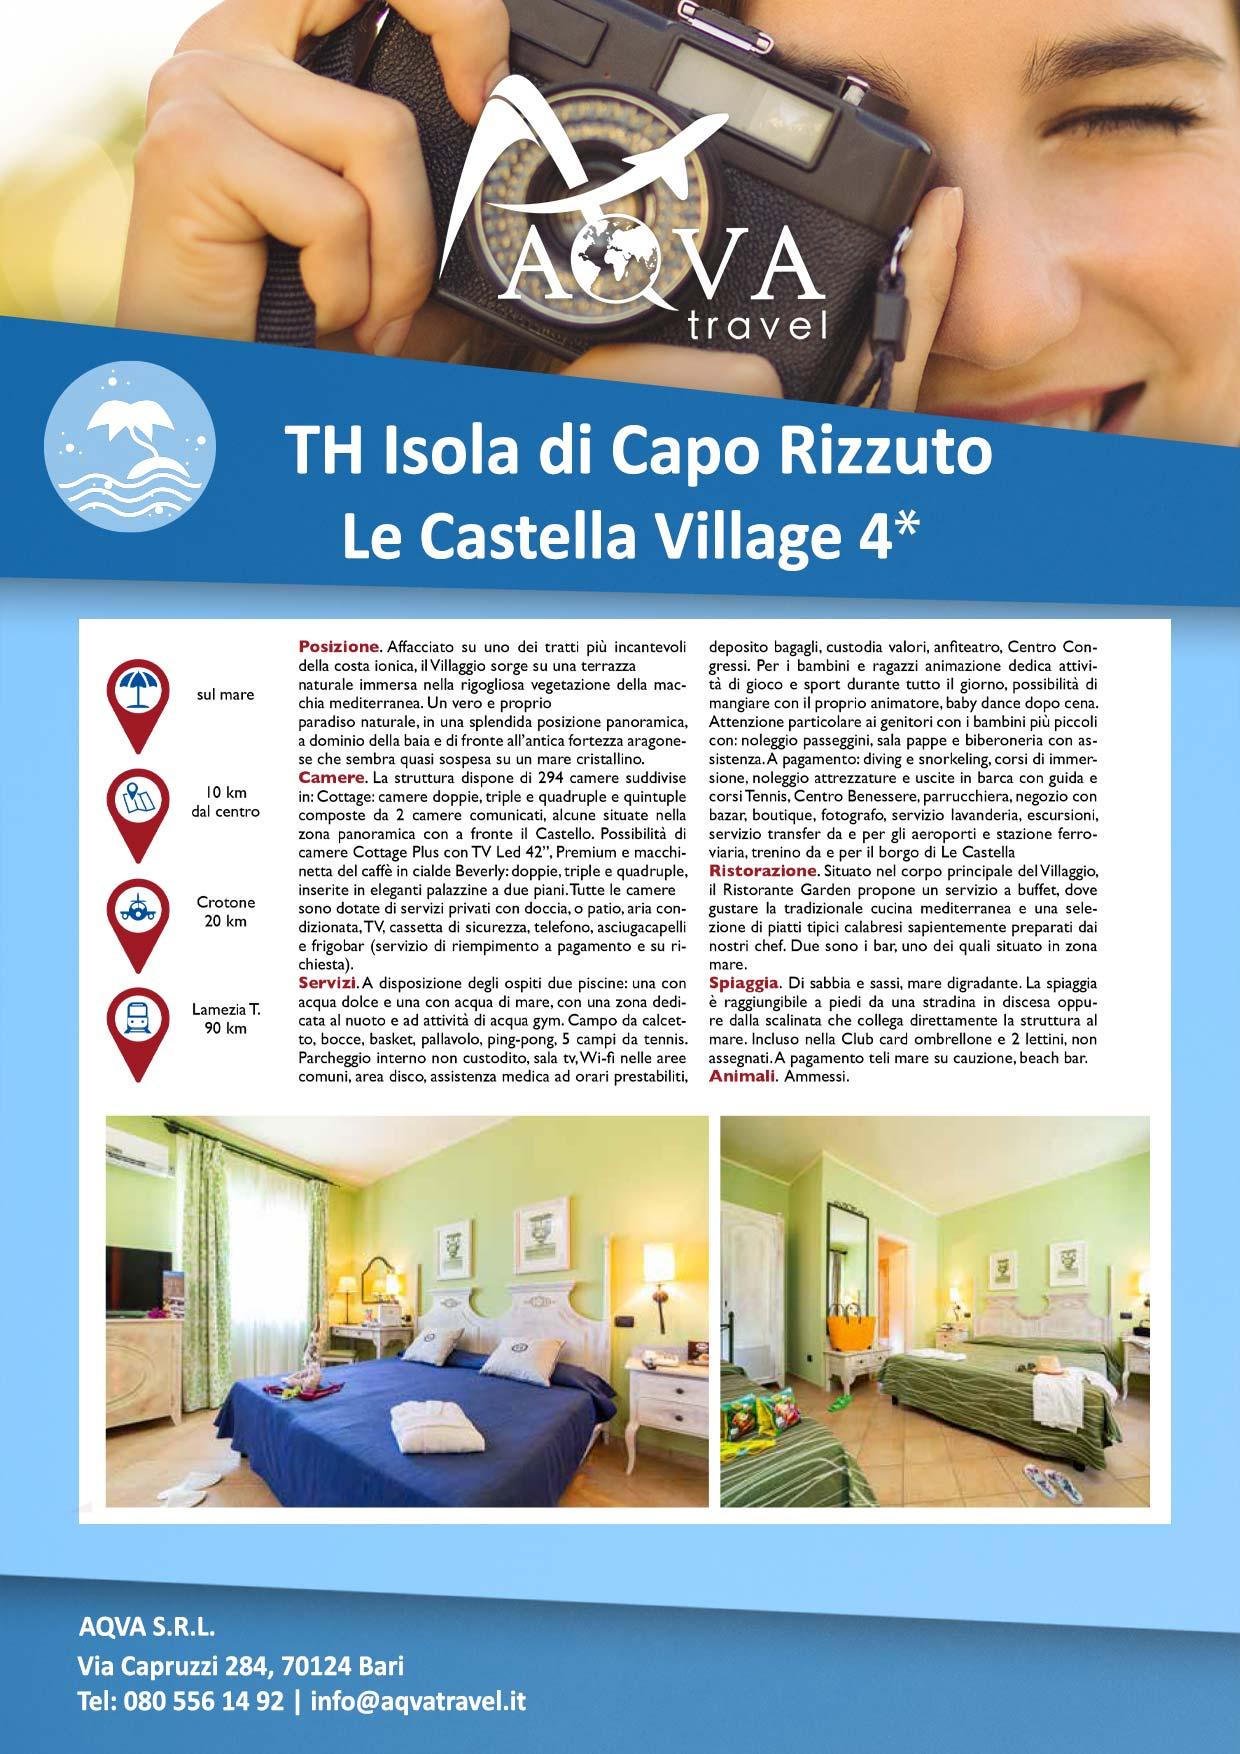 1-TH-Isola-di-Caporizzuto-Le-Castella-Village-Mare-offerte-agenzia-di-viaggi-Bari-AQVATRAVEL-it